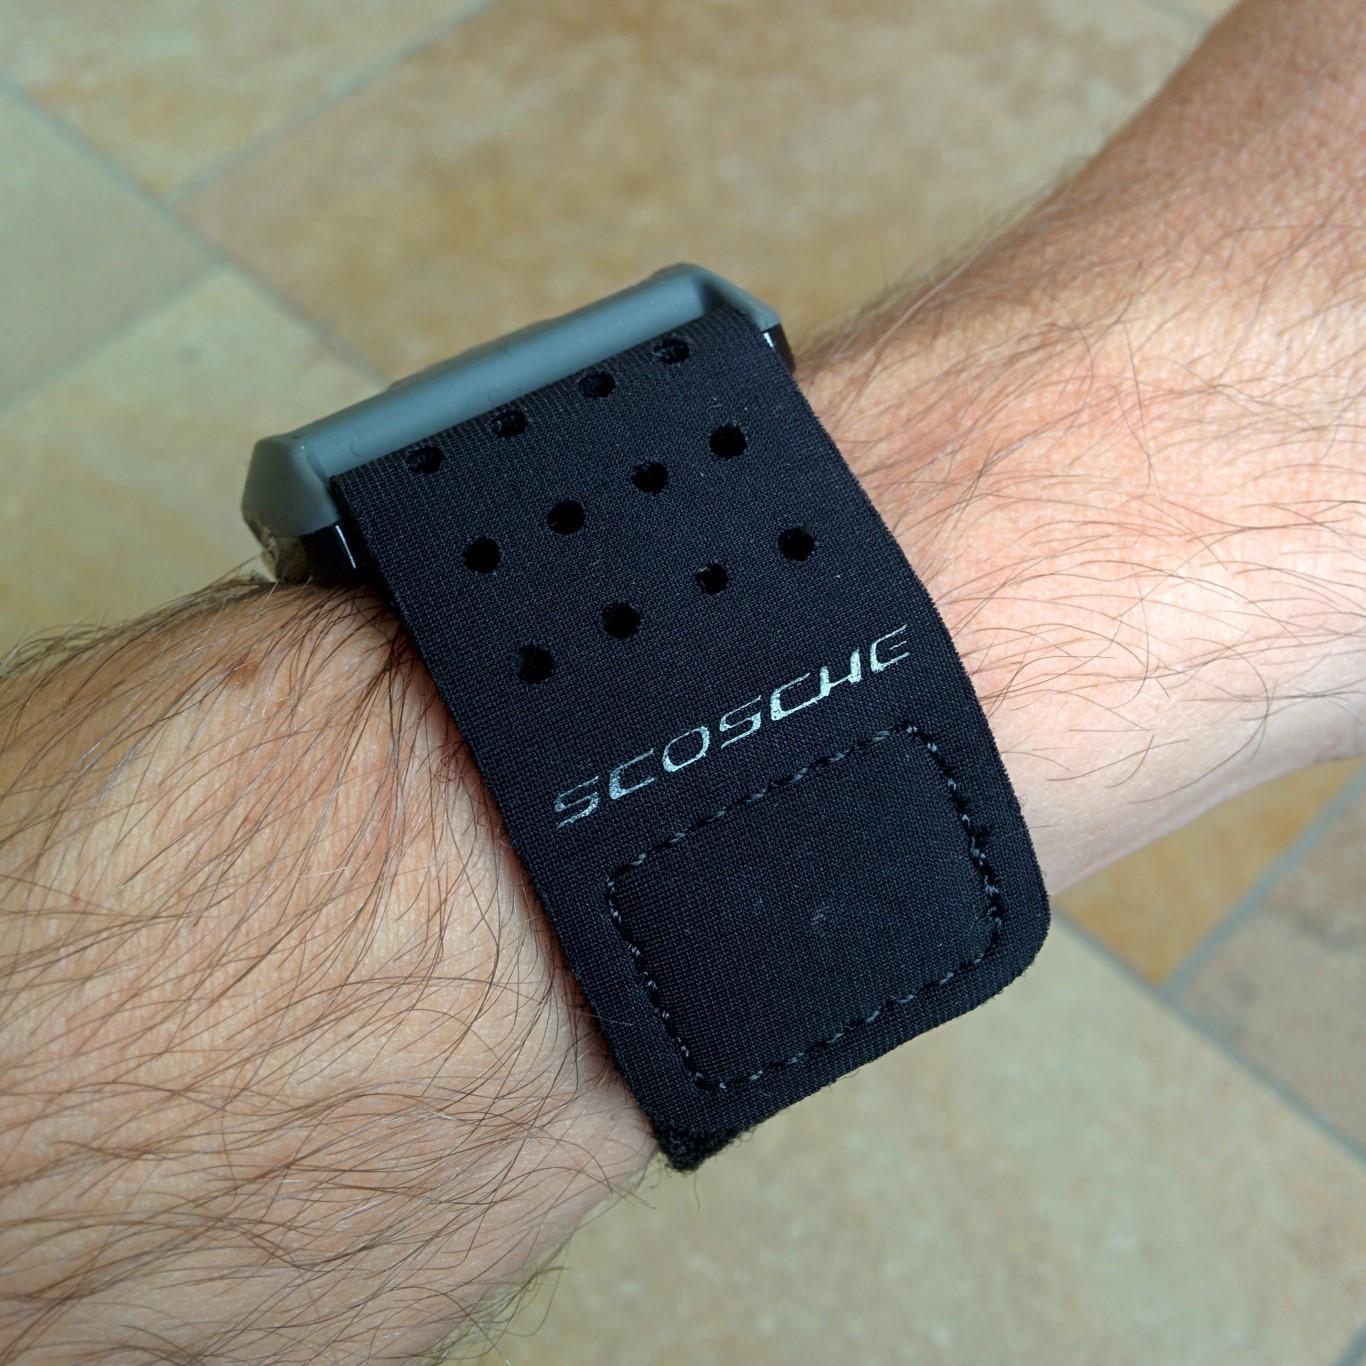 Scosche Rhythm Plus - Seitenansicht am Arm